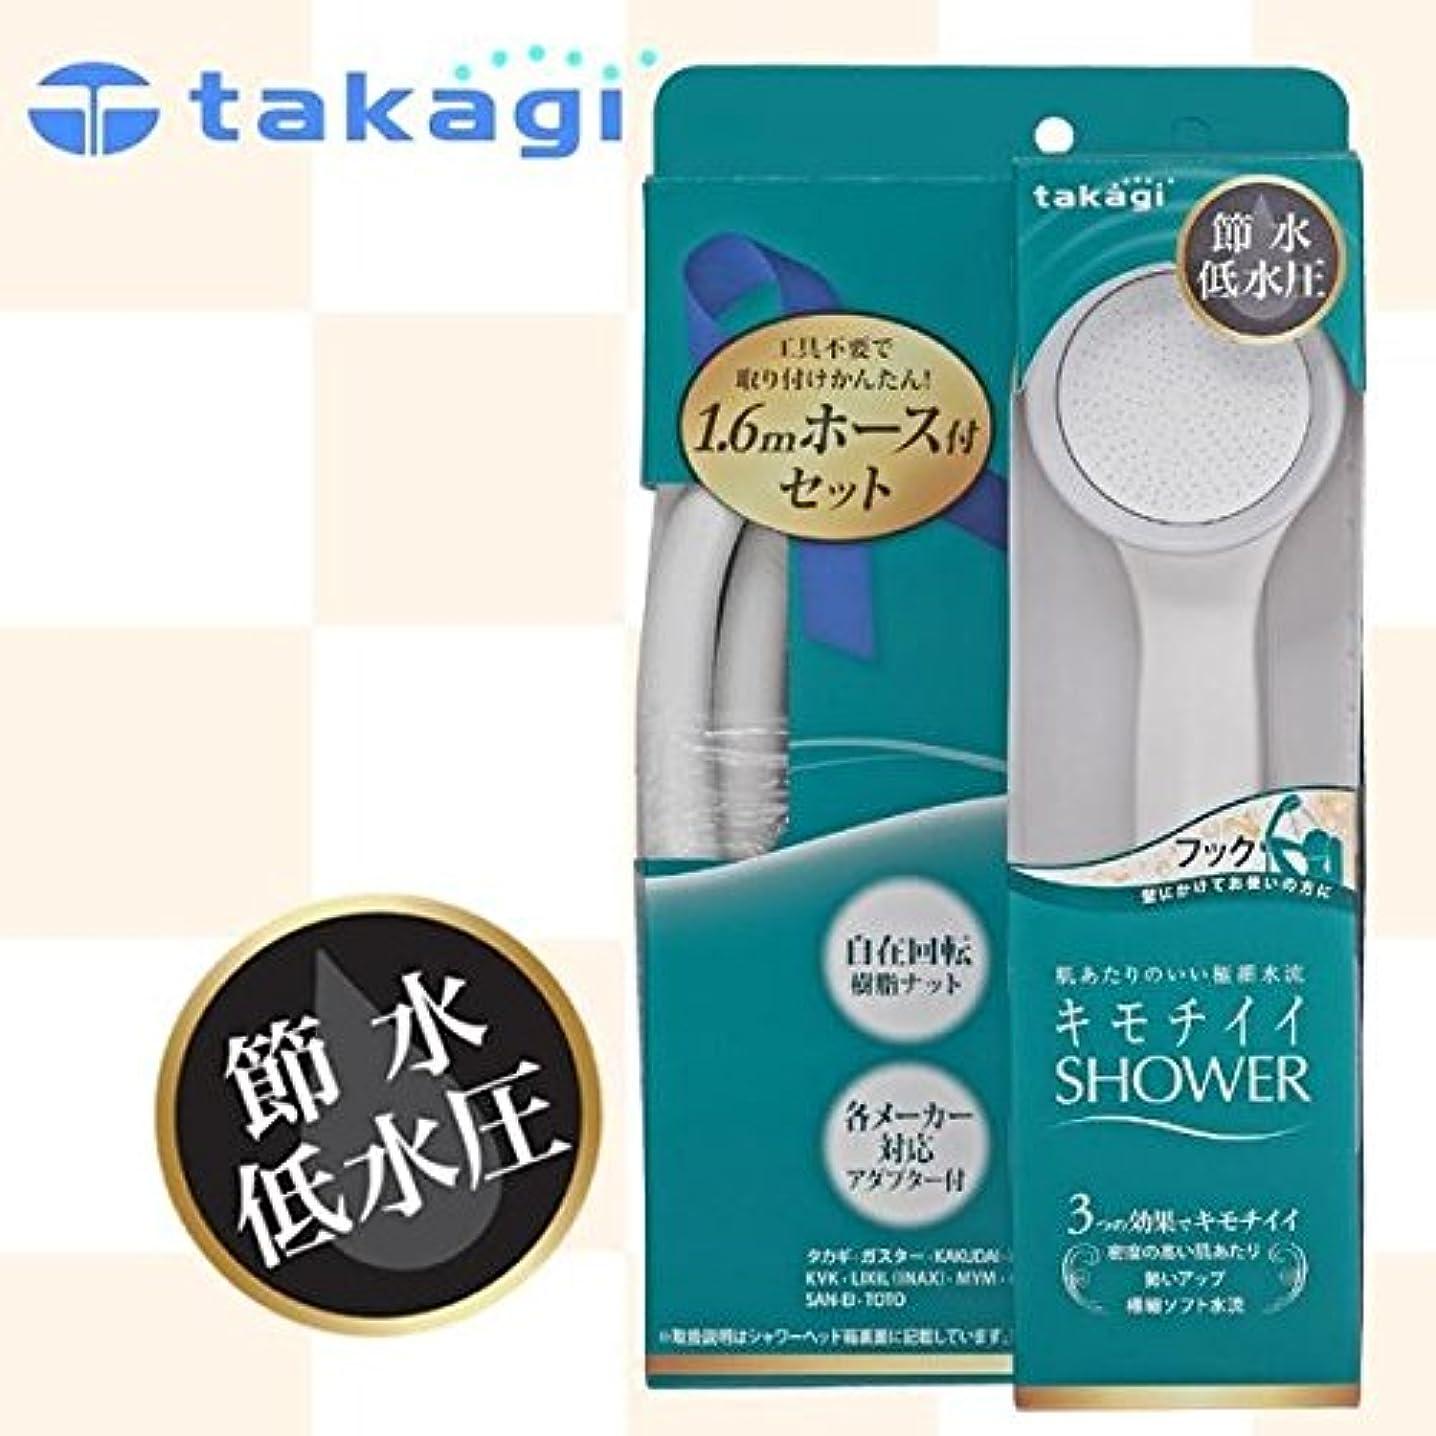 takagi タカギ 浴室用シャワーヘッド キモチイイシャワーホースセットWT フックタイプ【同梱?代引不可】